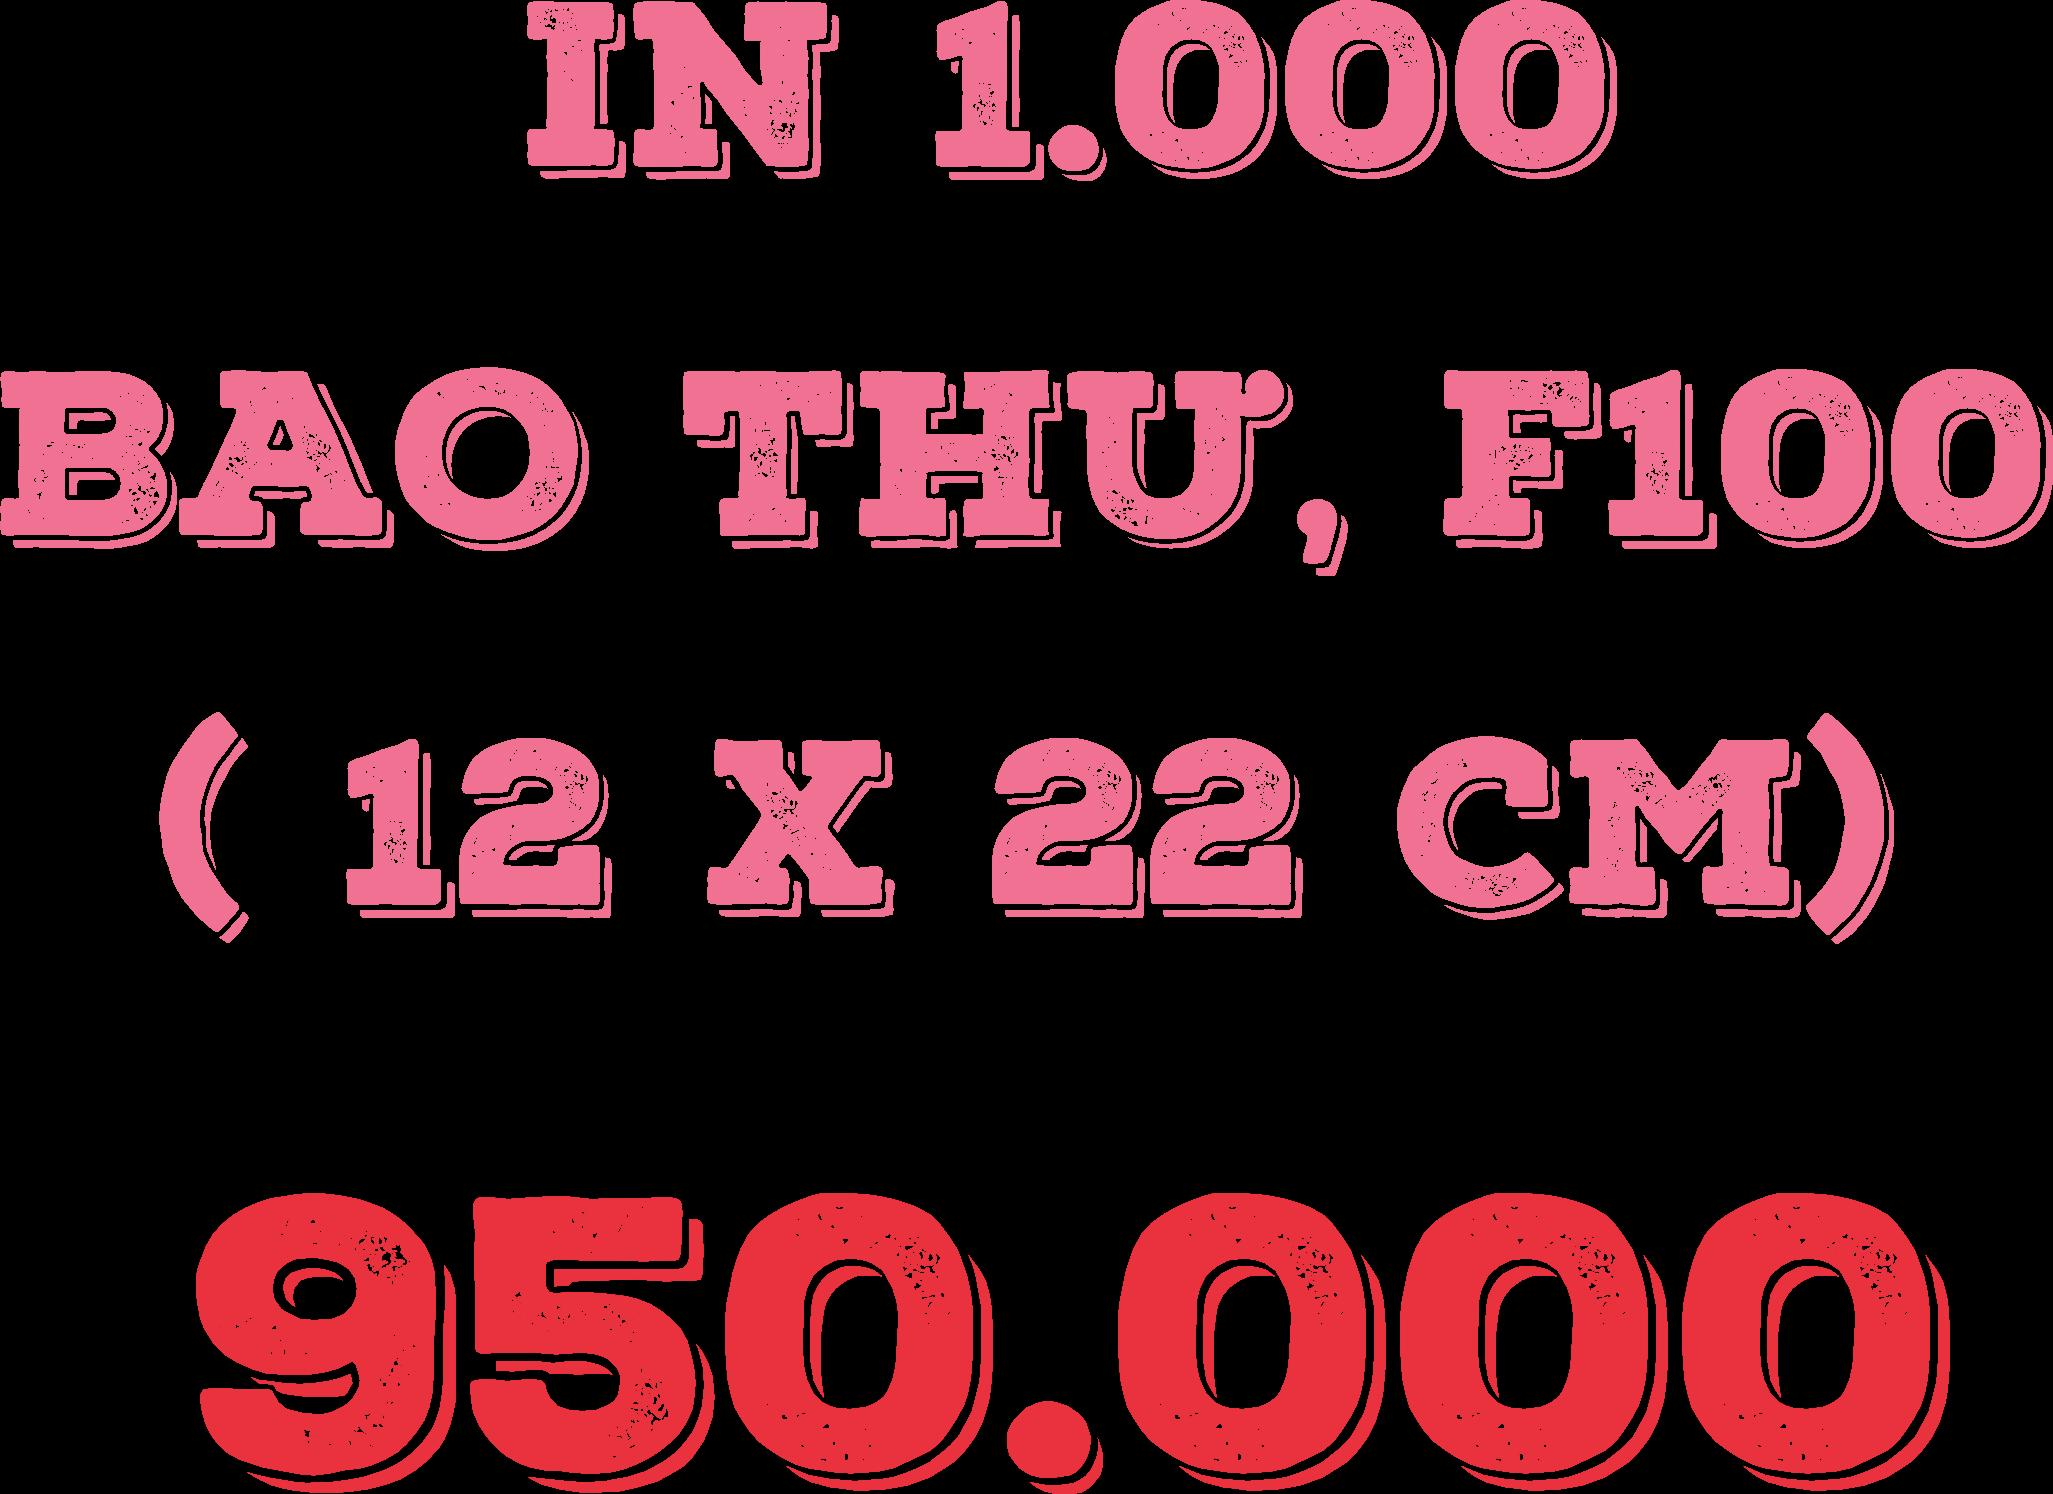 THIẾT KẾ MIỄN PHÍ 1000 tờ rơi 589.000, 1.000 cuon Catalogue 3.899.000, - 5